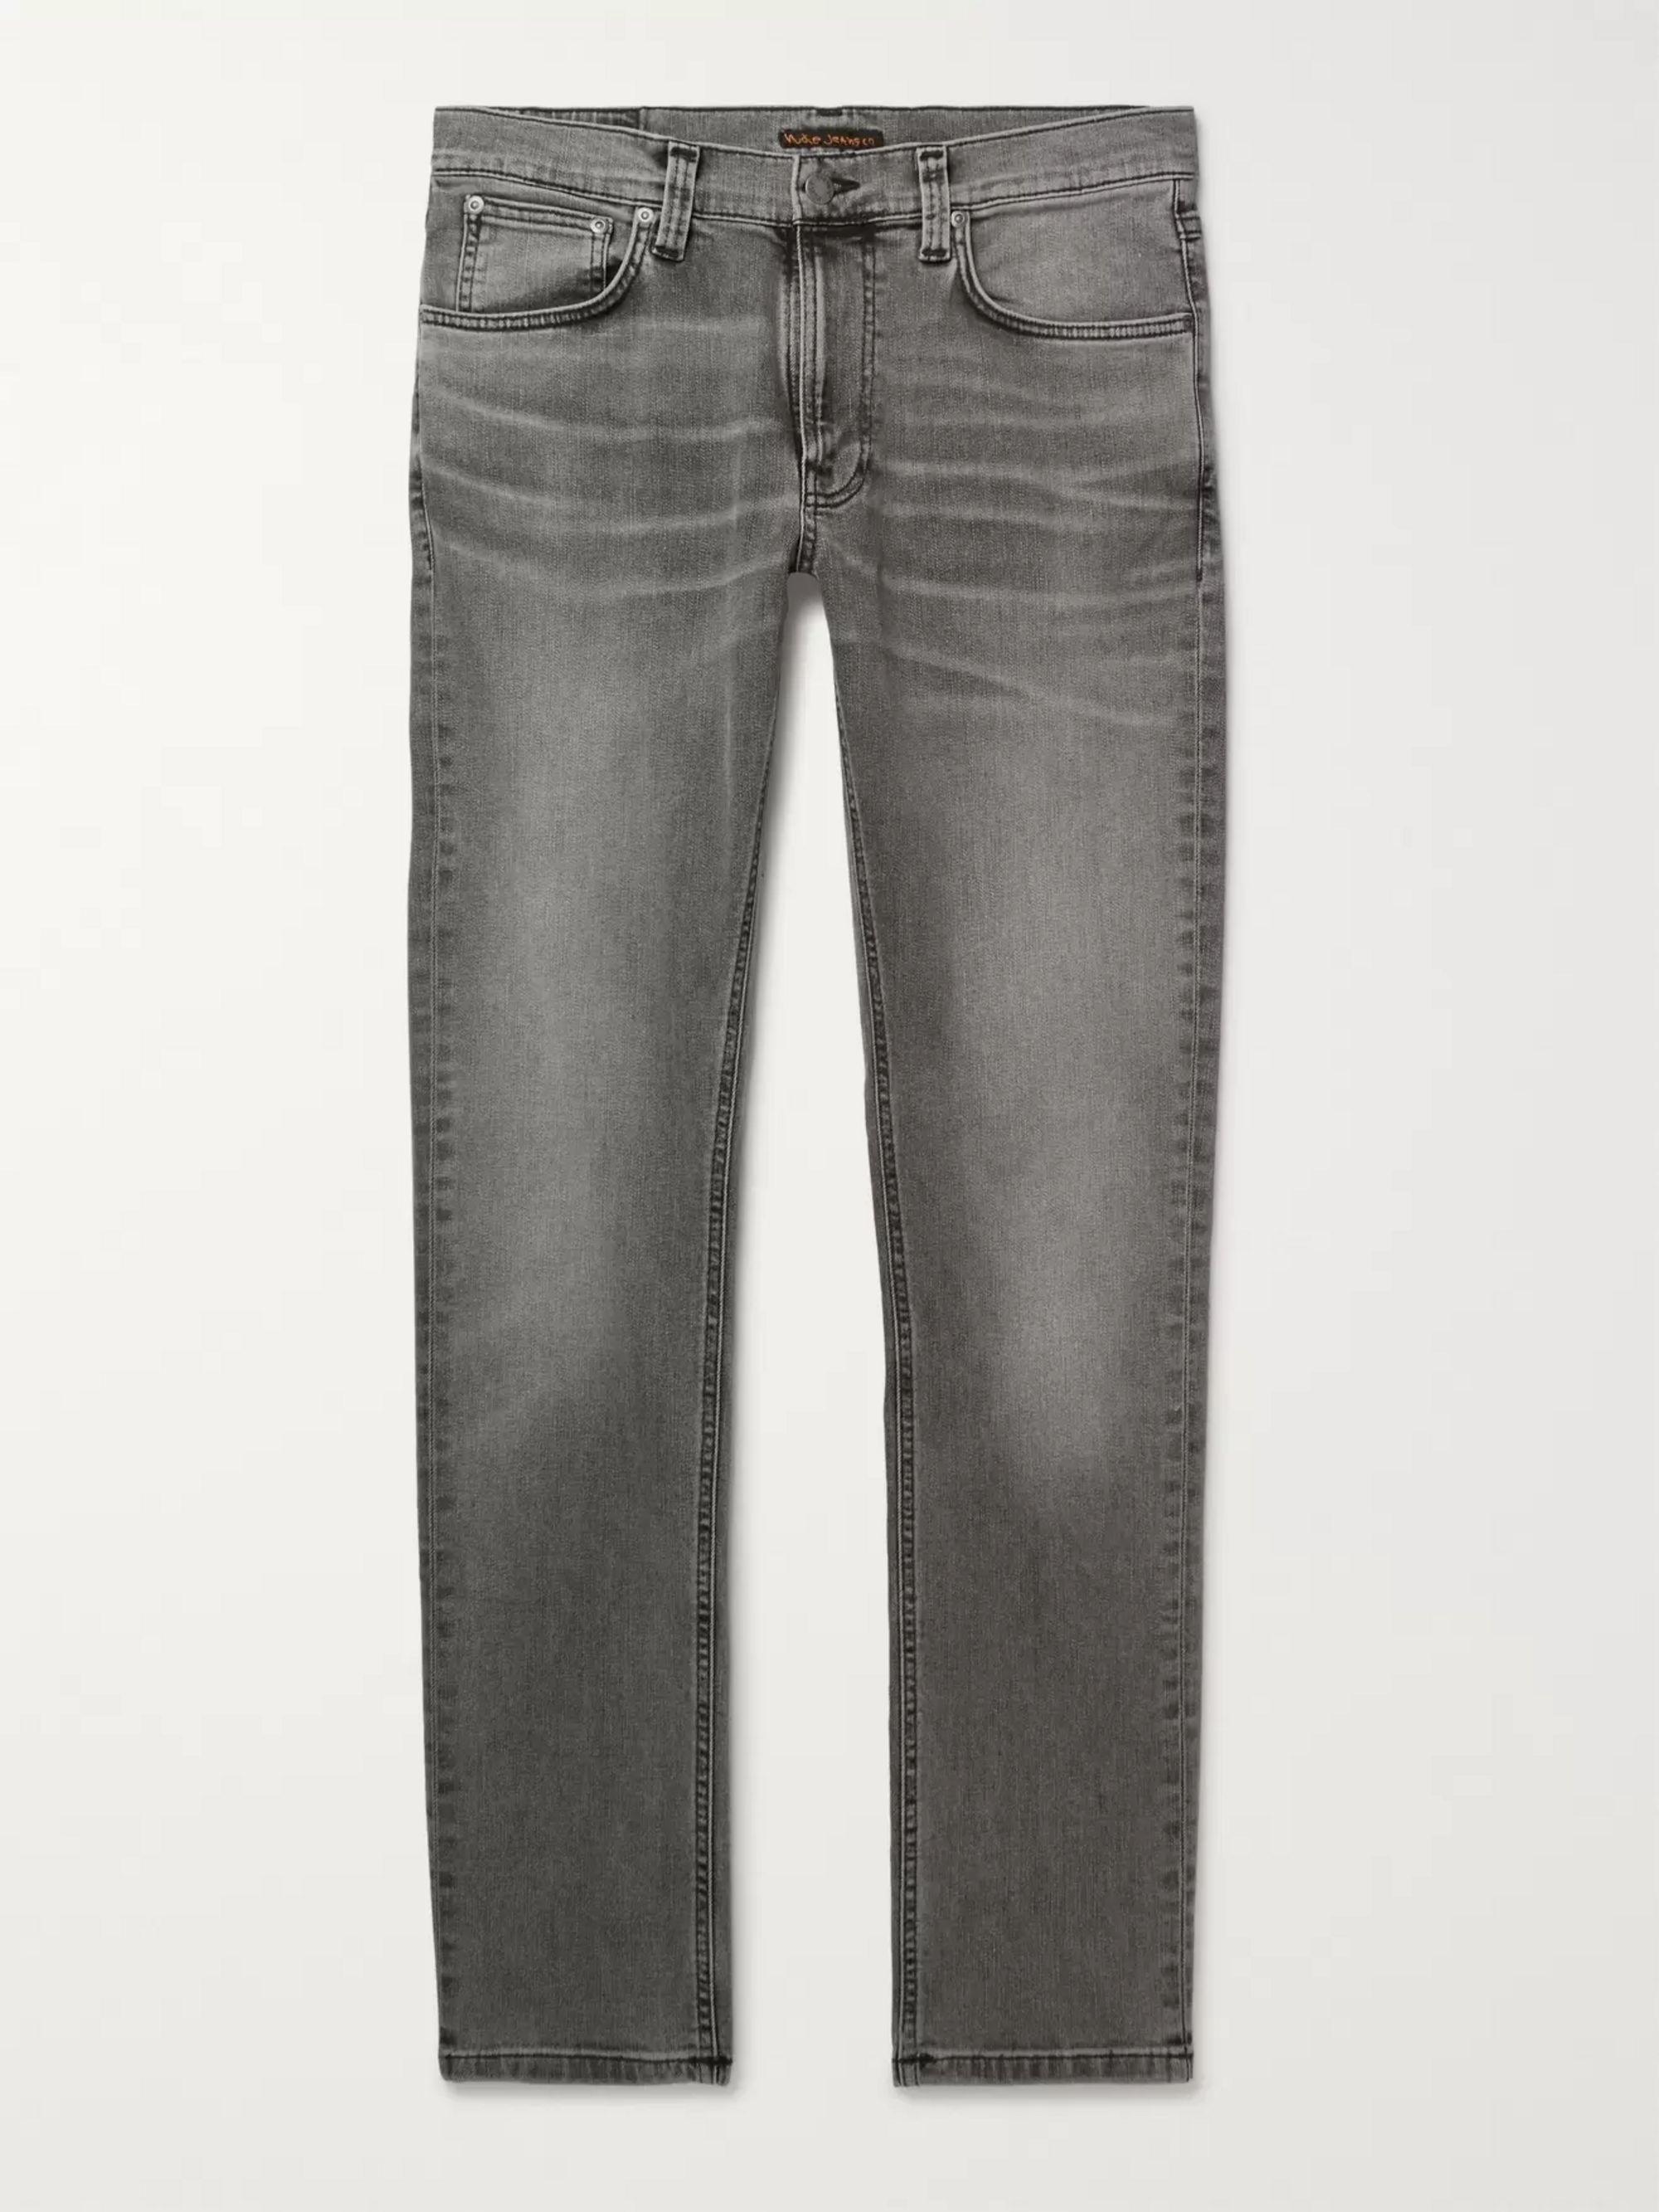 Lean Dean Slim Fit Washed Organic Denim Jeans by Nudie Jeans